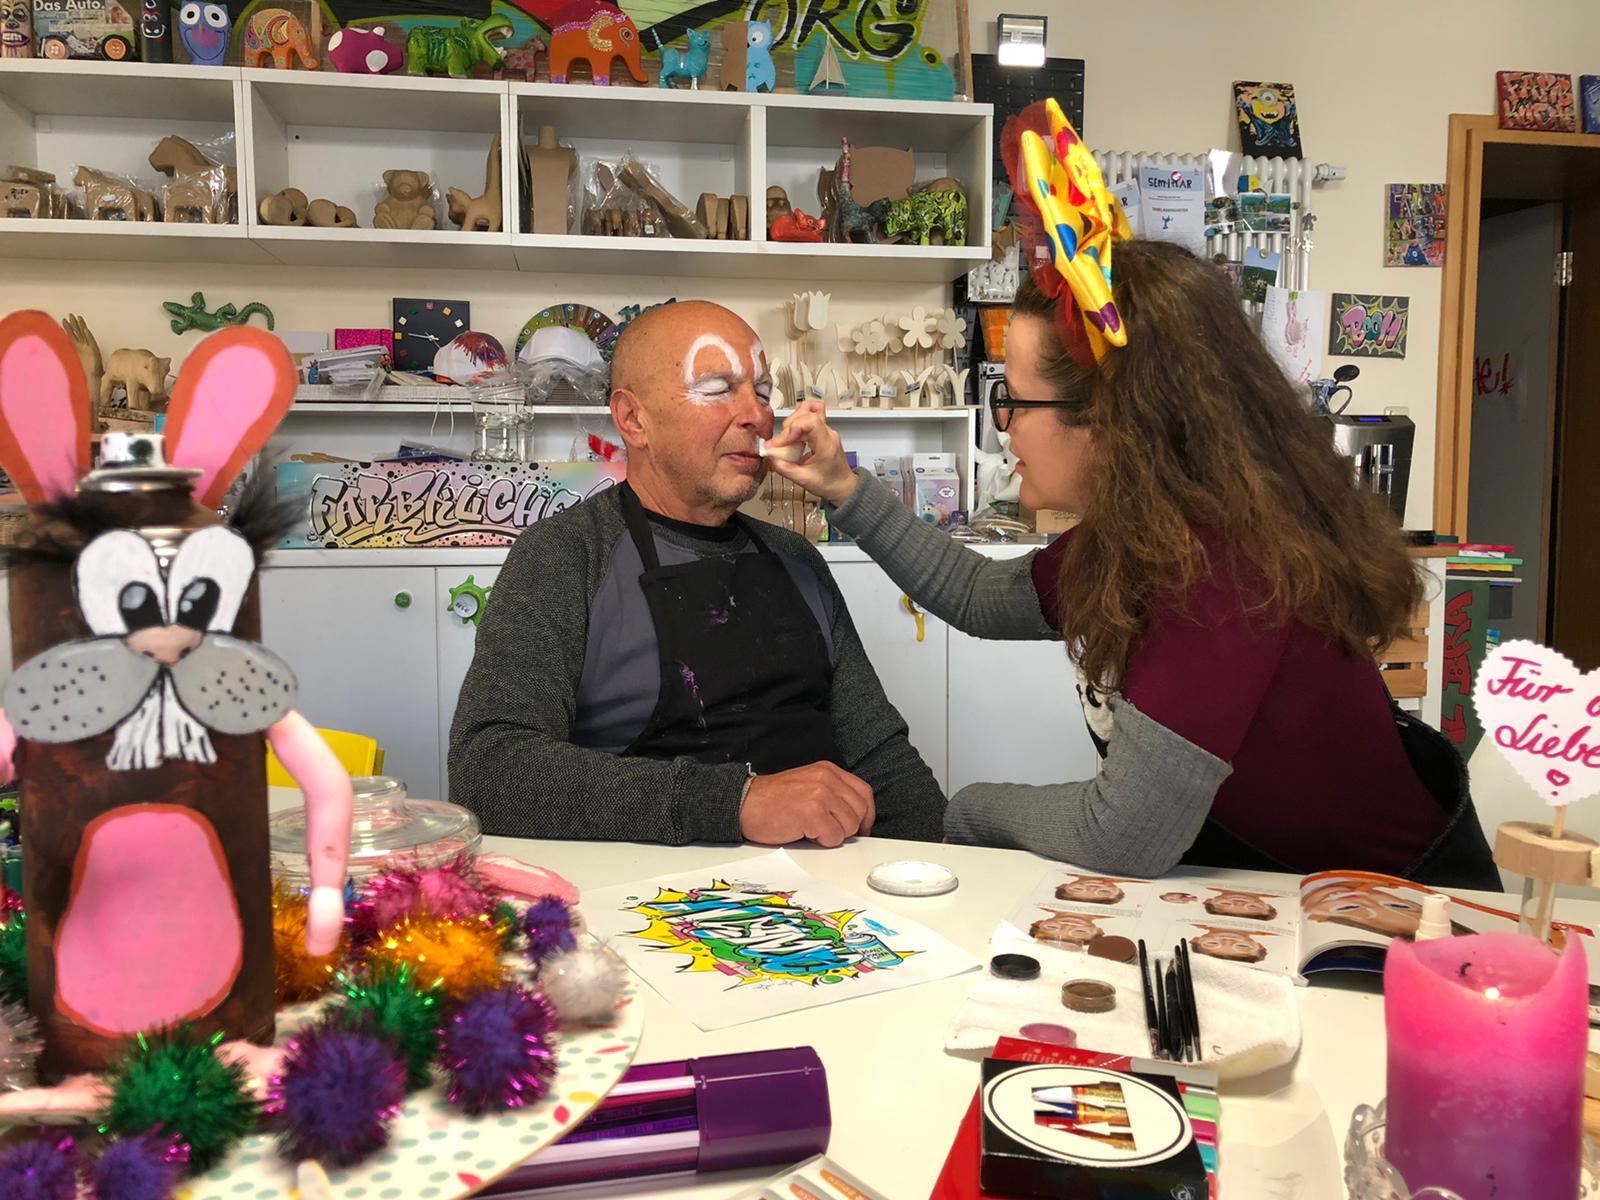 Nachdem du zwei Bögen über die Augenbrauen gezeichnet hast, kümmere dich um die Hasenschnute zwischen Nase und Mund. Hier arbeitest du auch noch mit dem Schwamm.